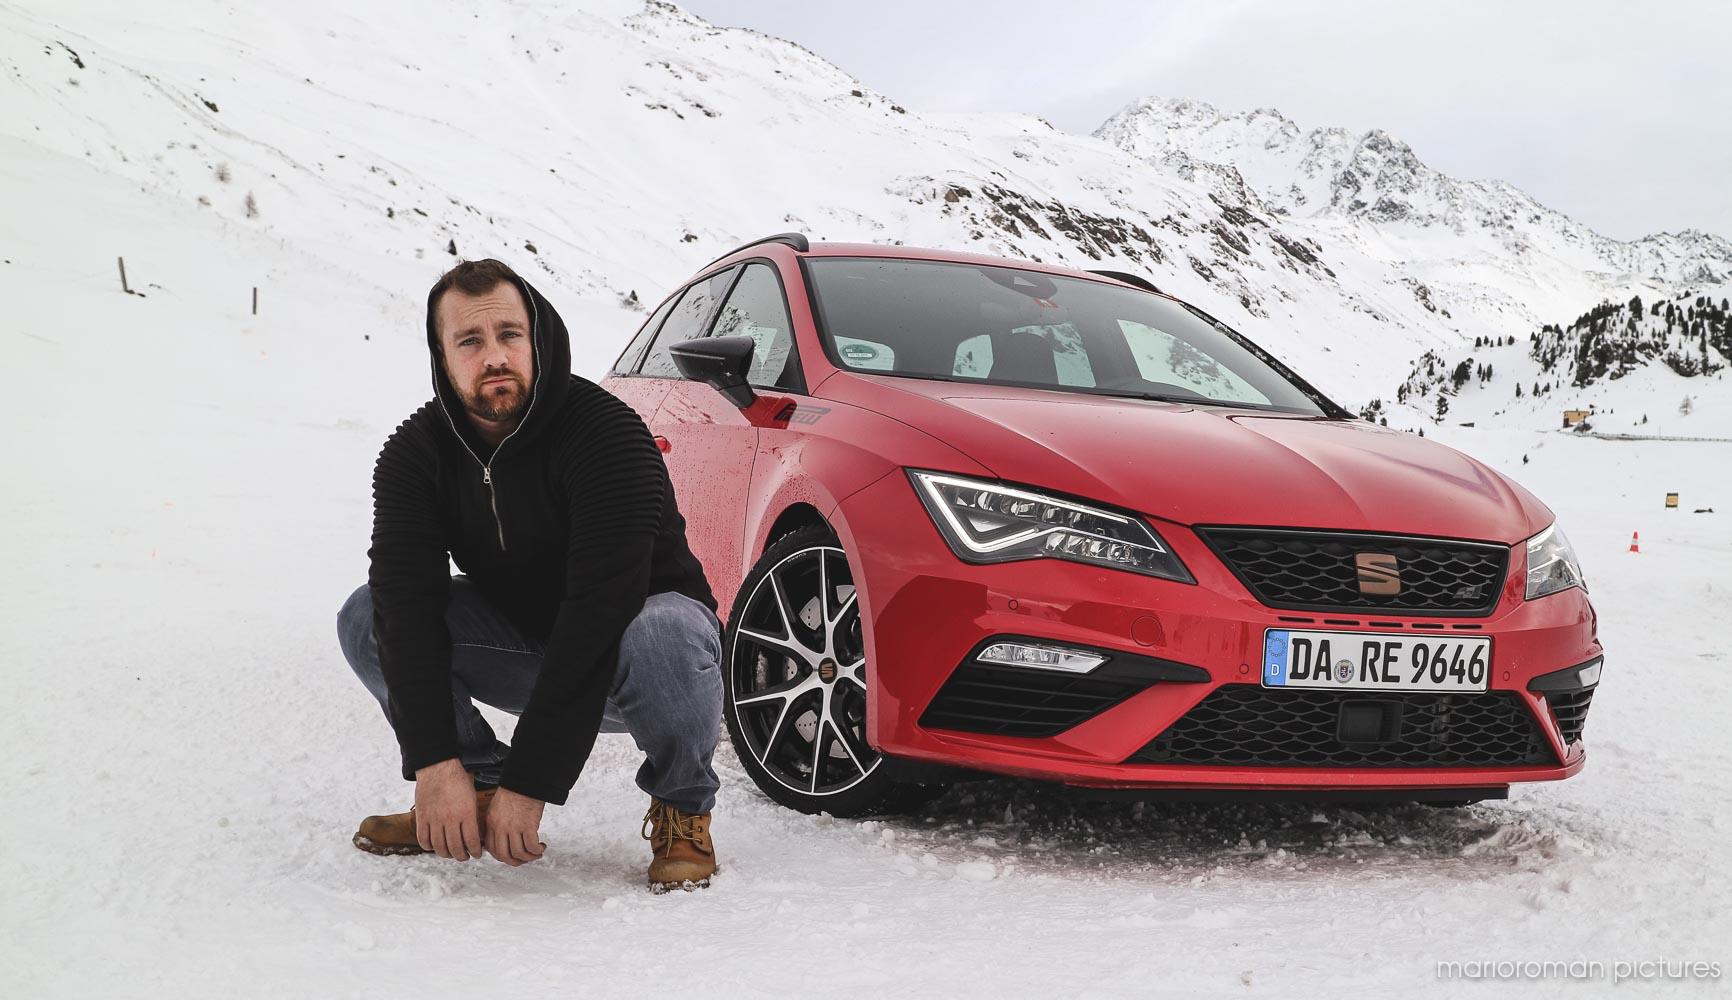 Autor und Fotograf Mario-Roman Lambrecht in Davos